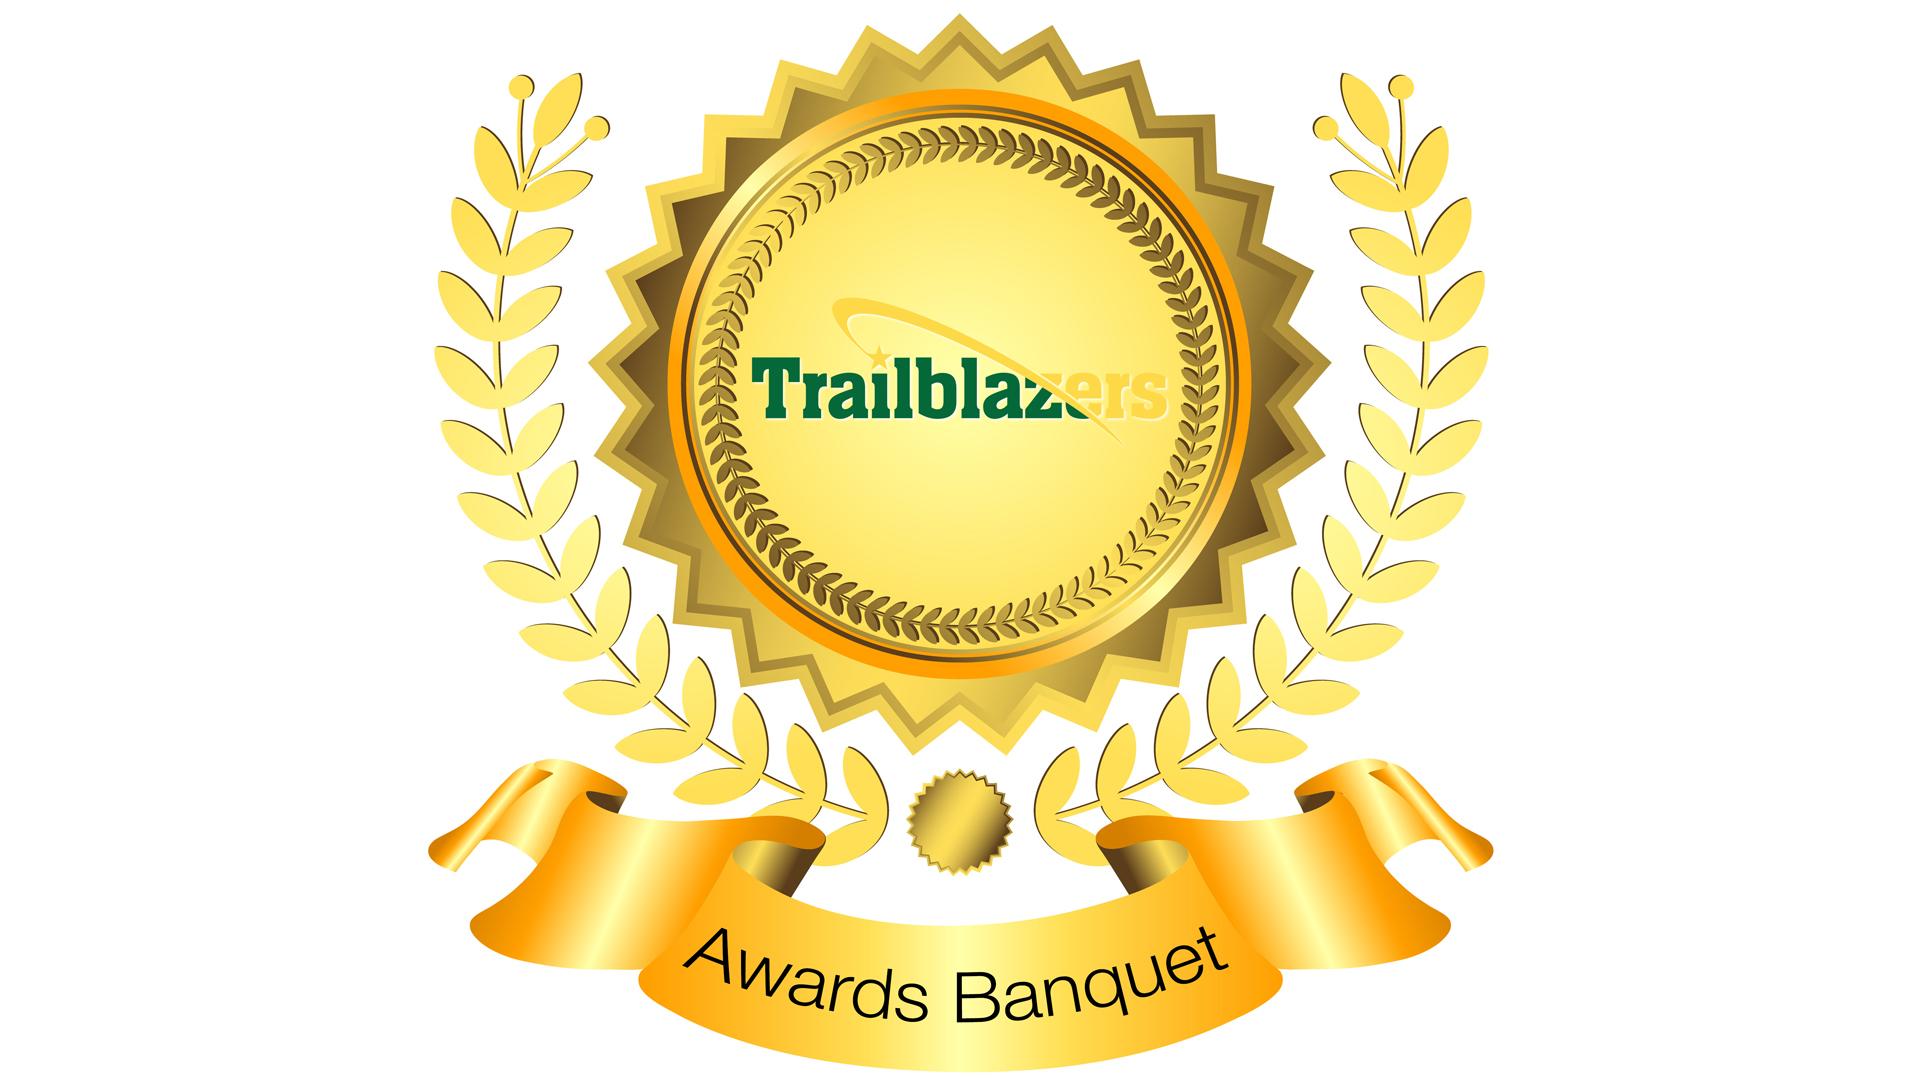 Trailblazers Awards Banquet